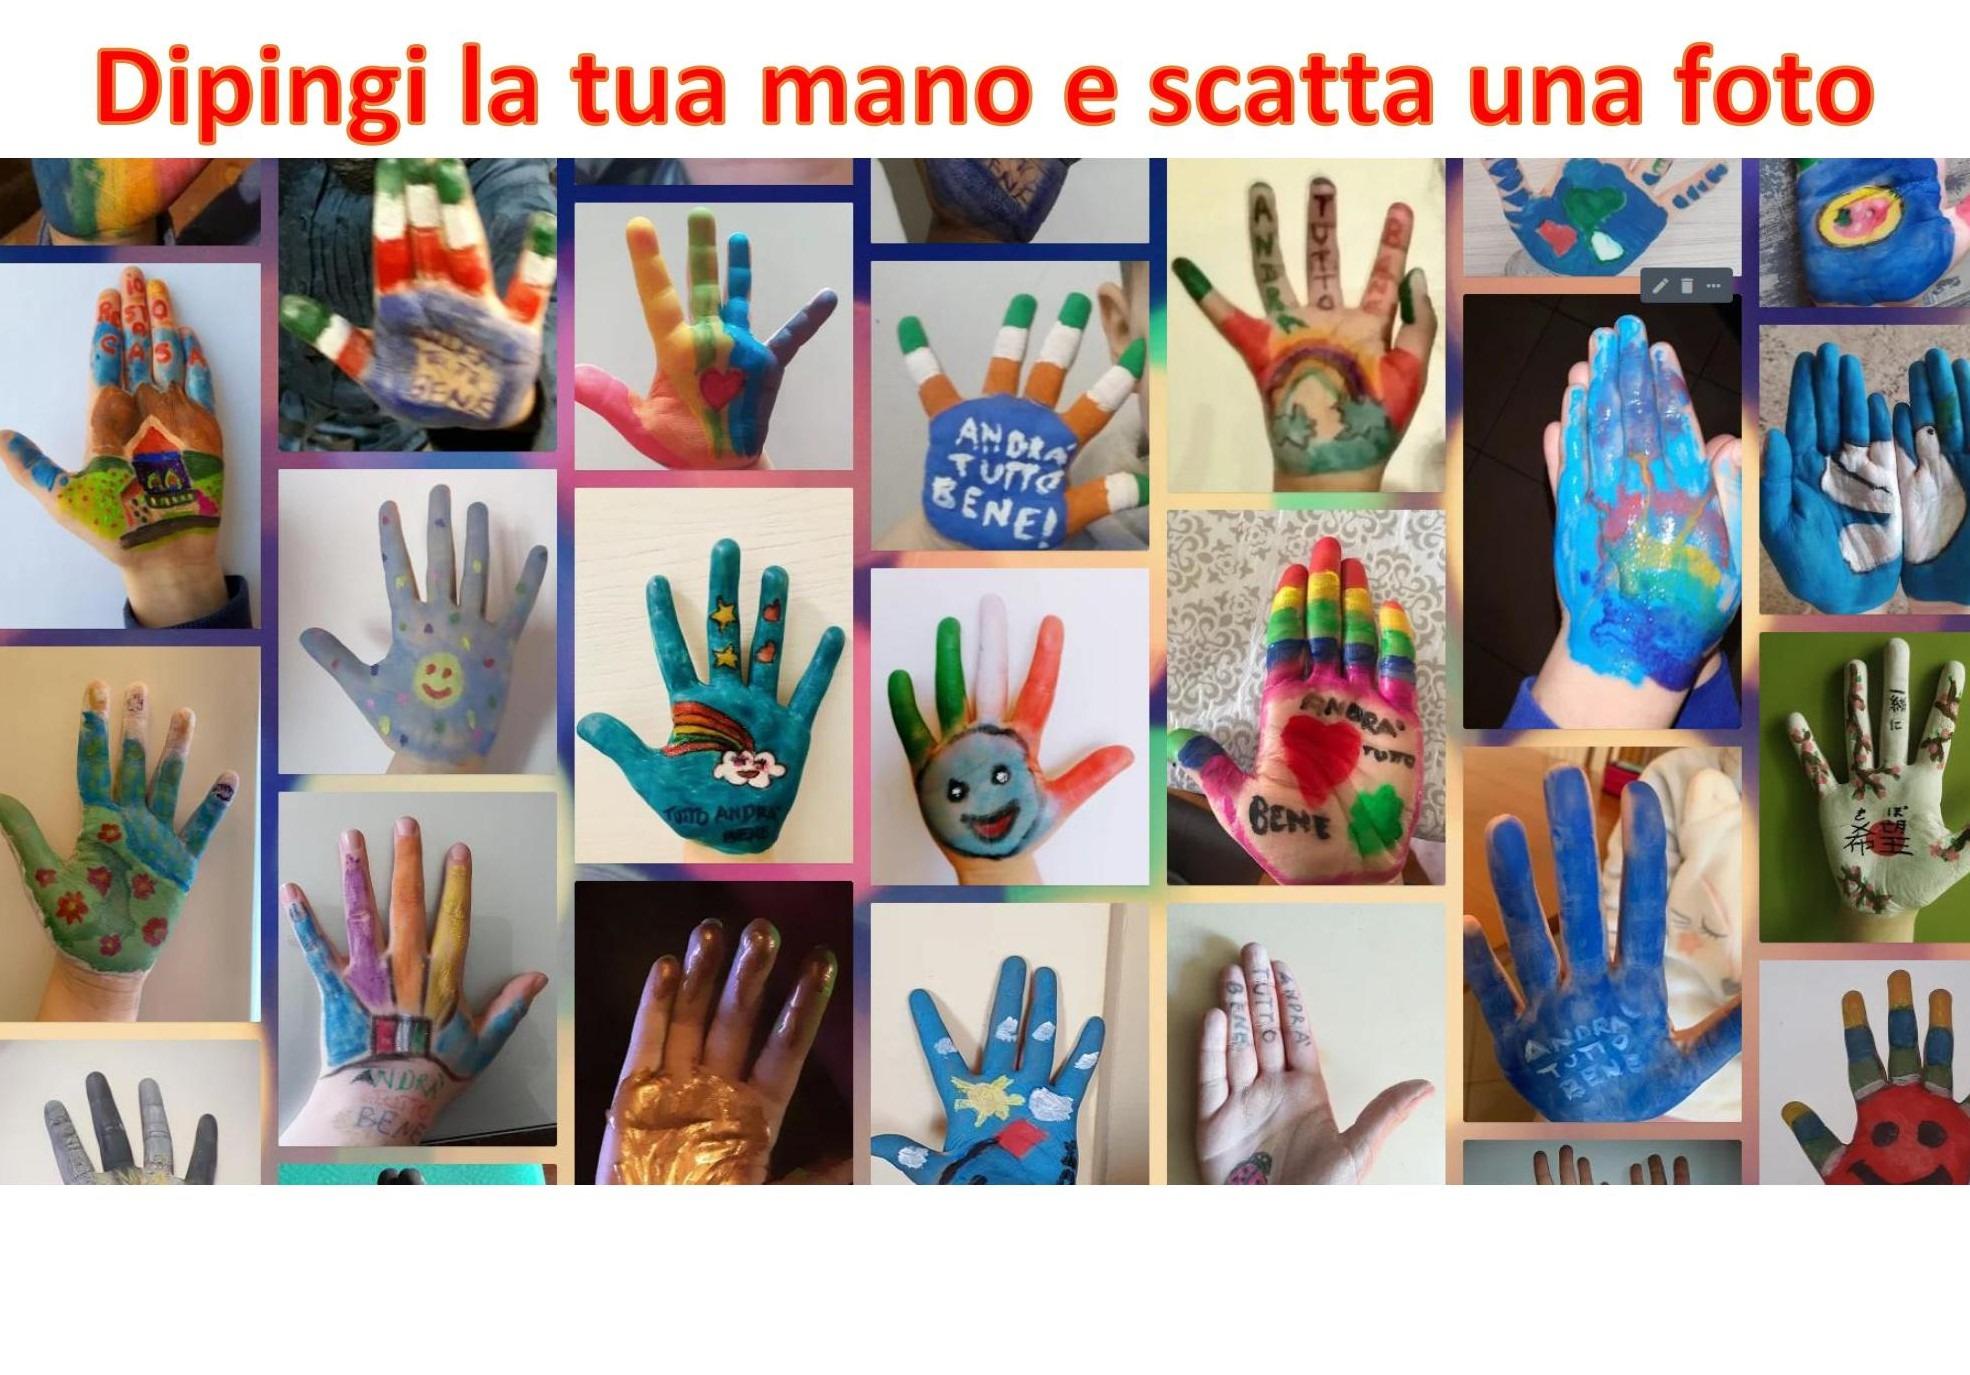 Dipingi la tua mano e scatta una foto